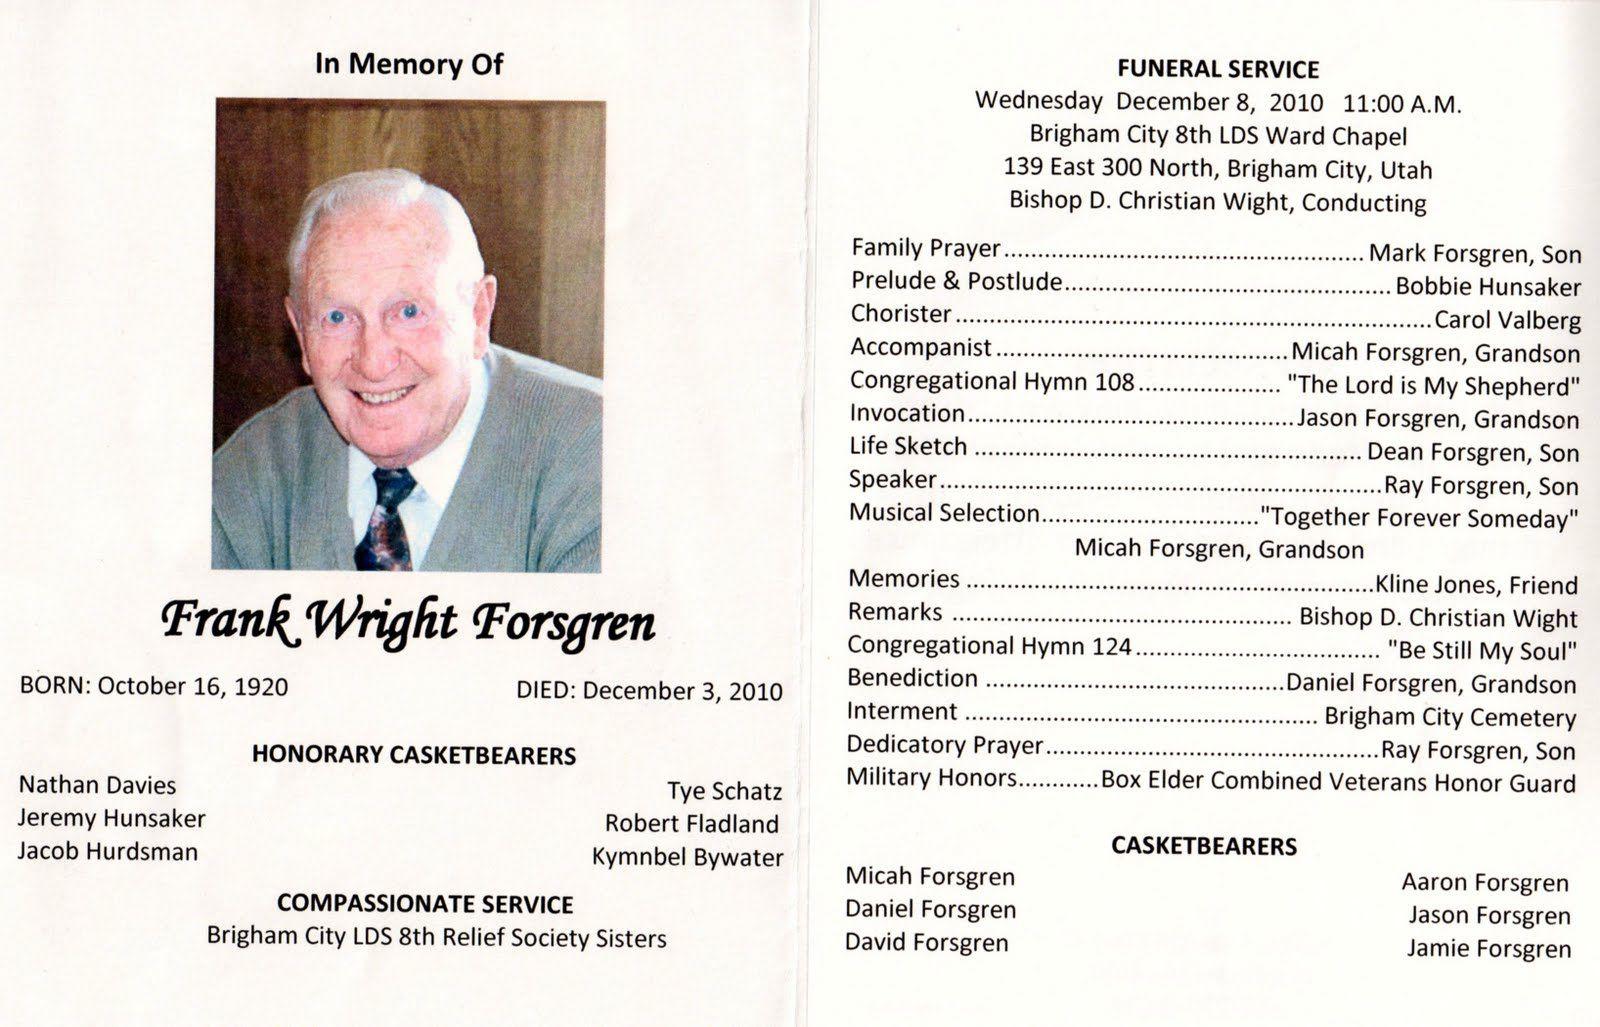 003 Awful Catholic Funeral Program Template Highest Quality  Mas Layout FreeFull